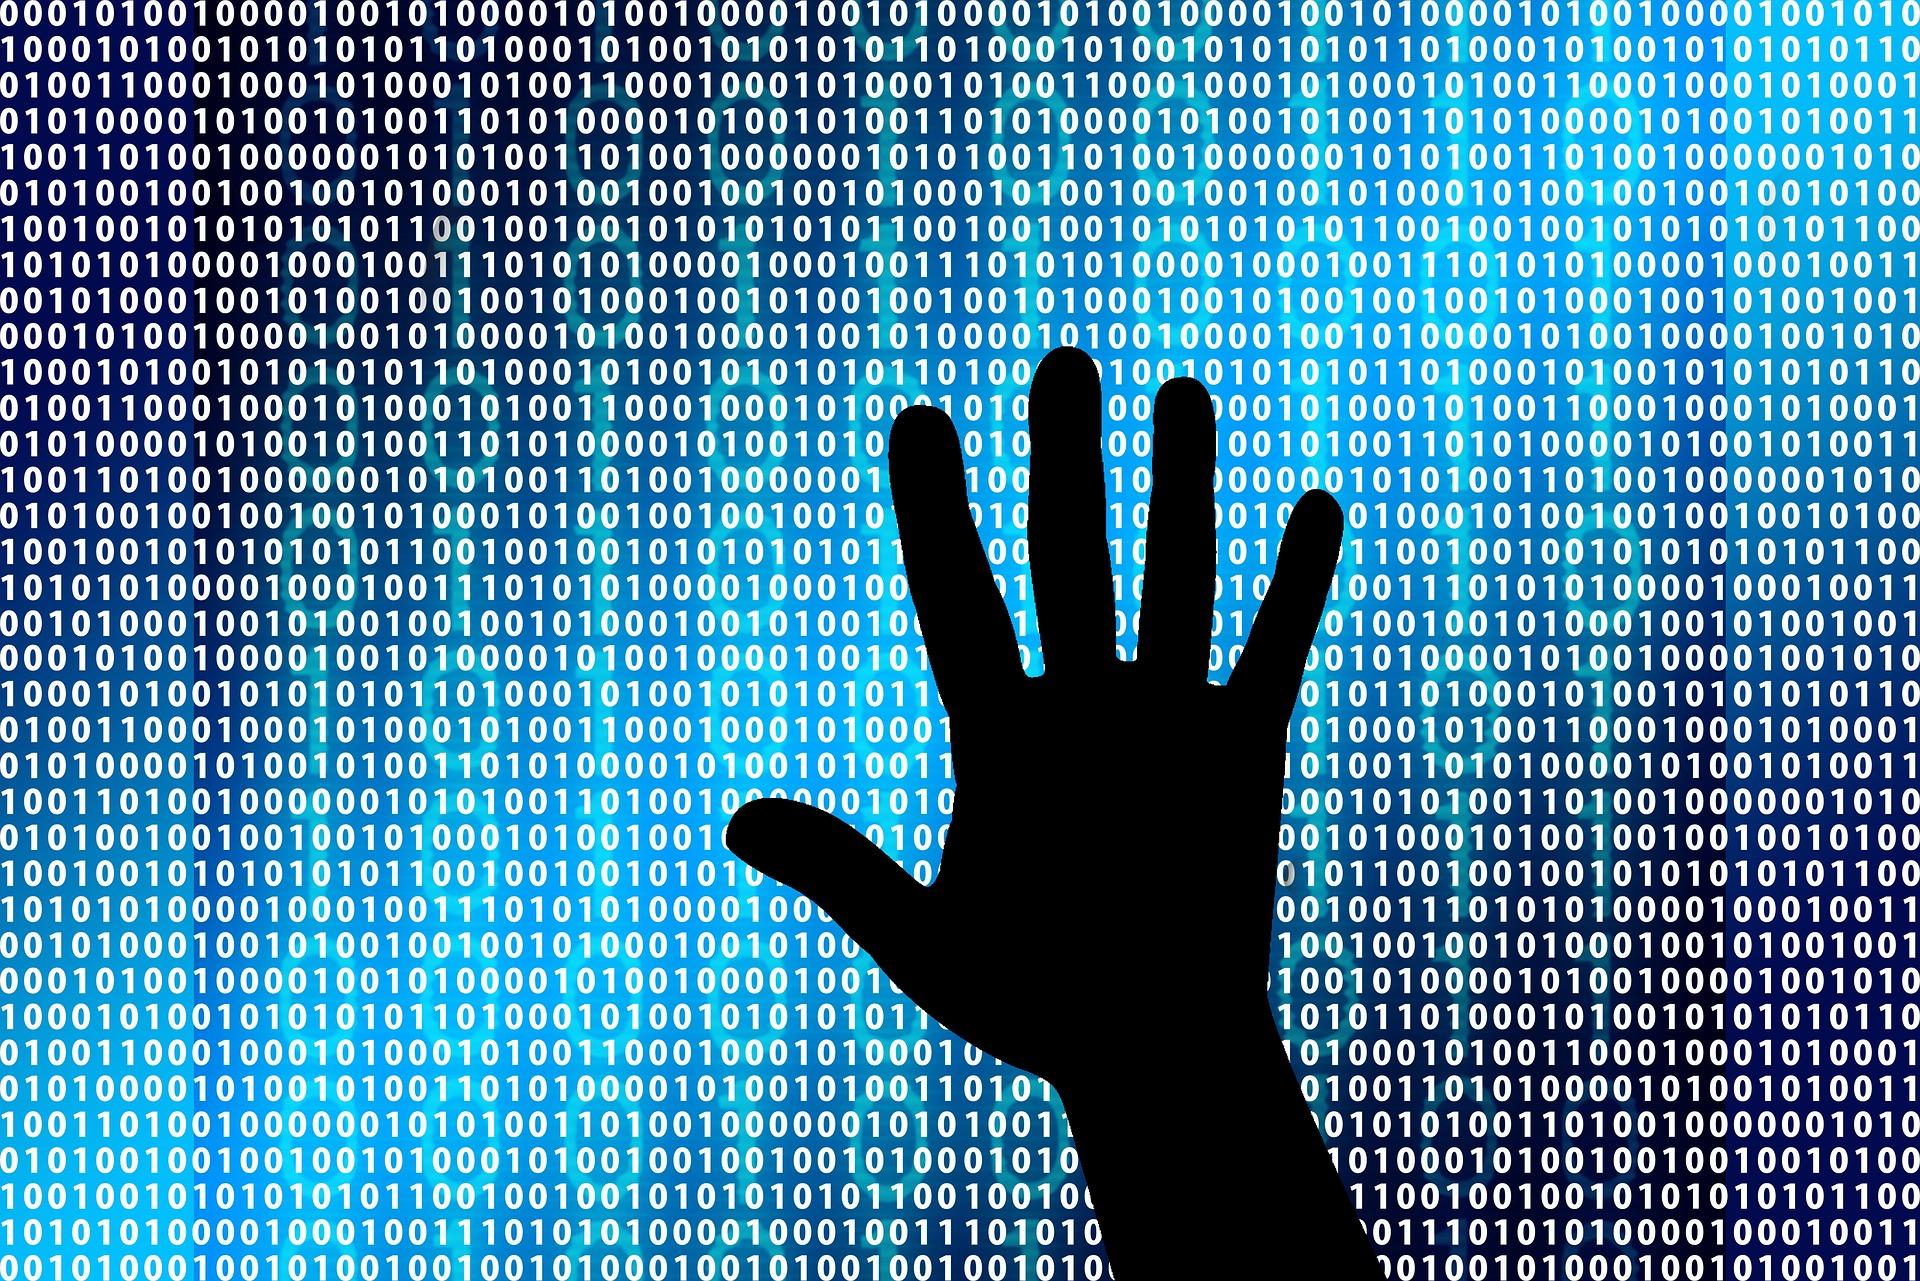 cyber cibernetic securitate ciberneica malware antivirus